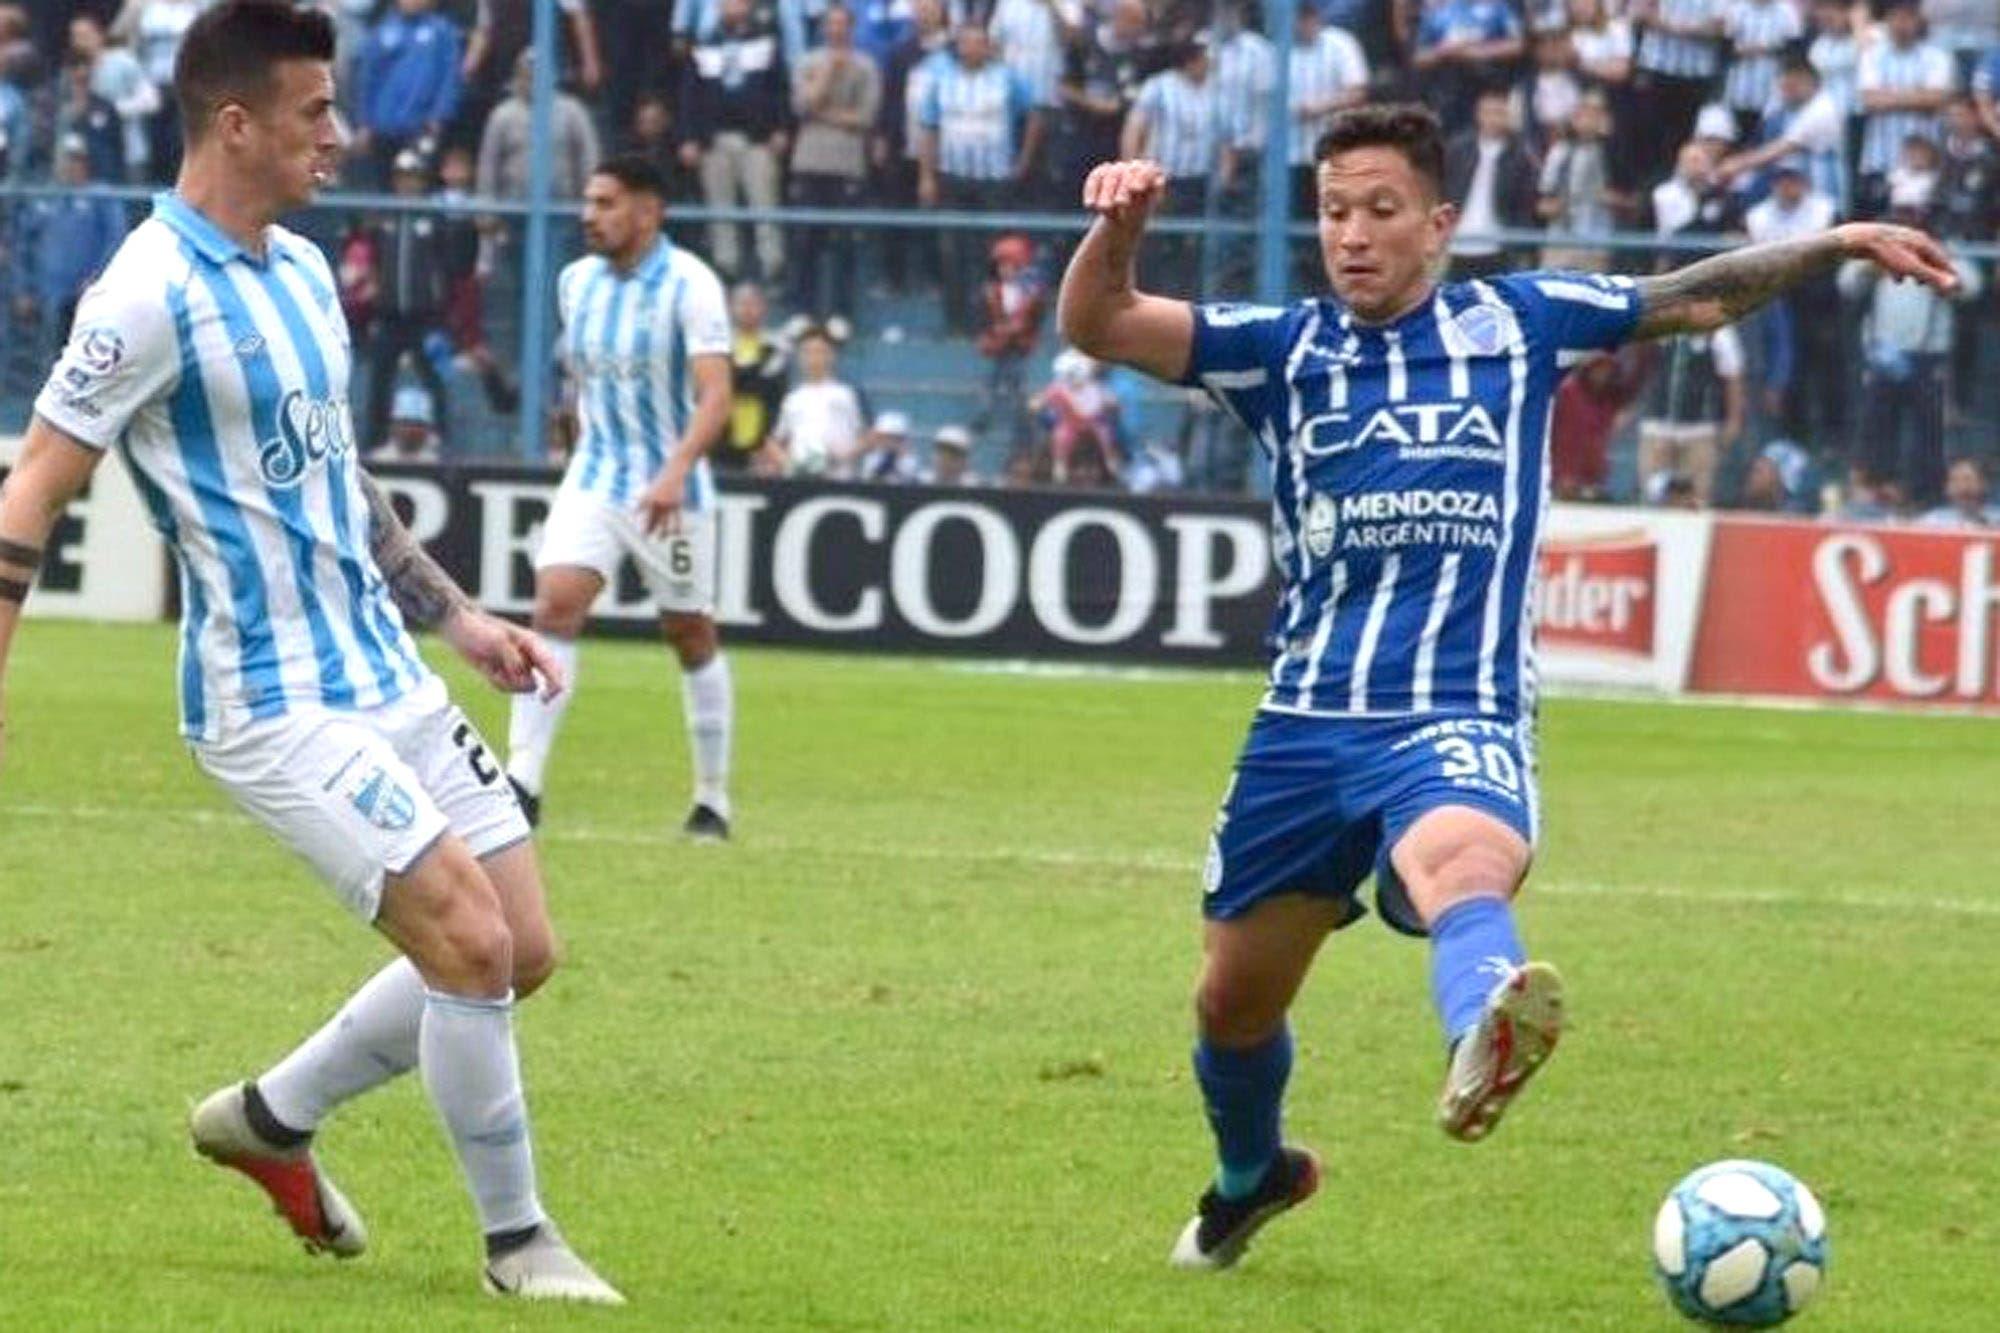 Atlético Tucumán-Godoy Cruz: un gol de Bruno Bianchi le dio los tres puntos al Decano y complicó al Tomba